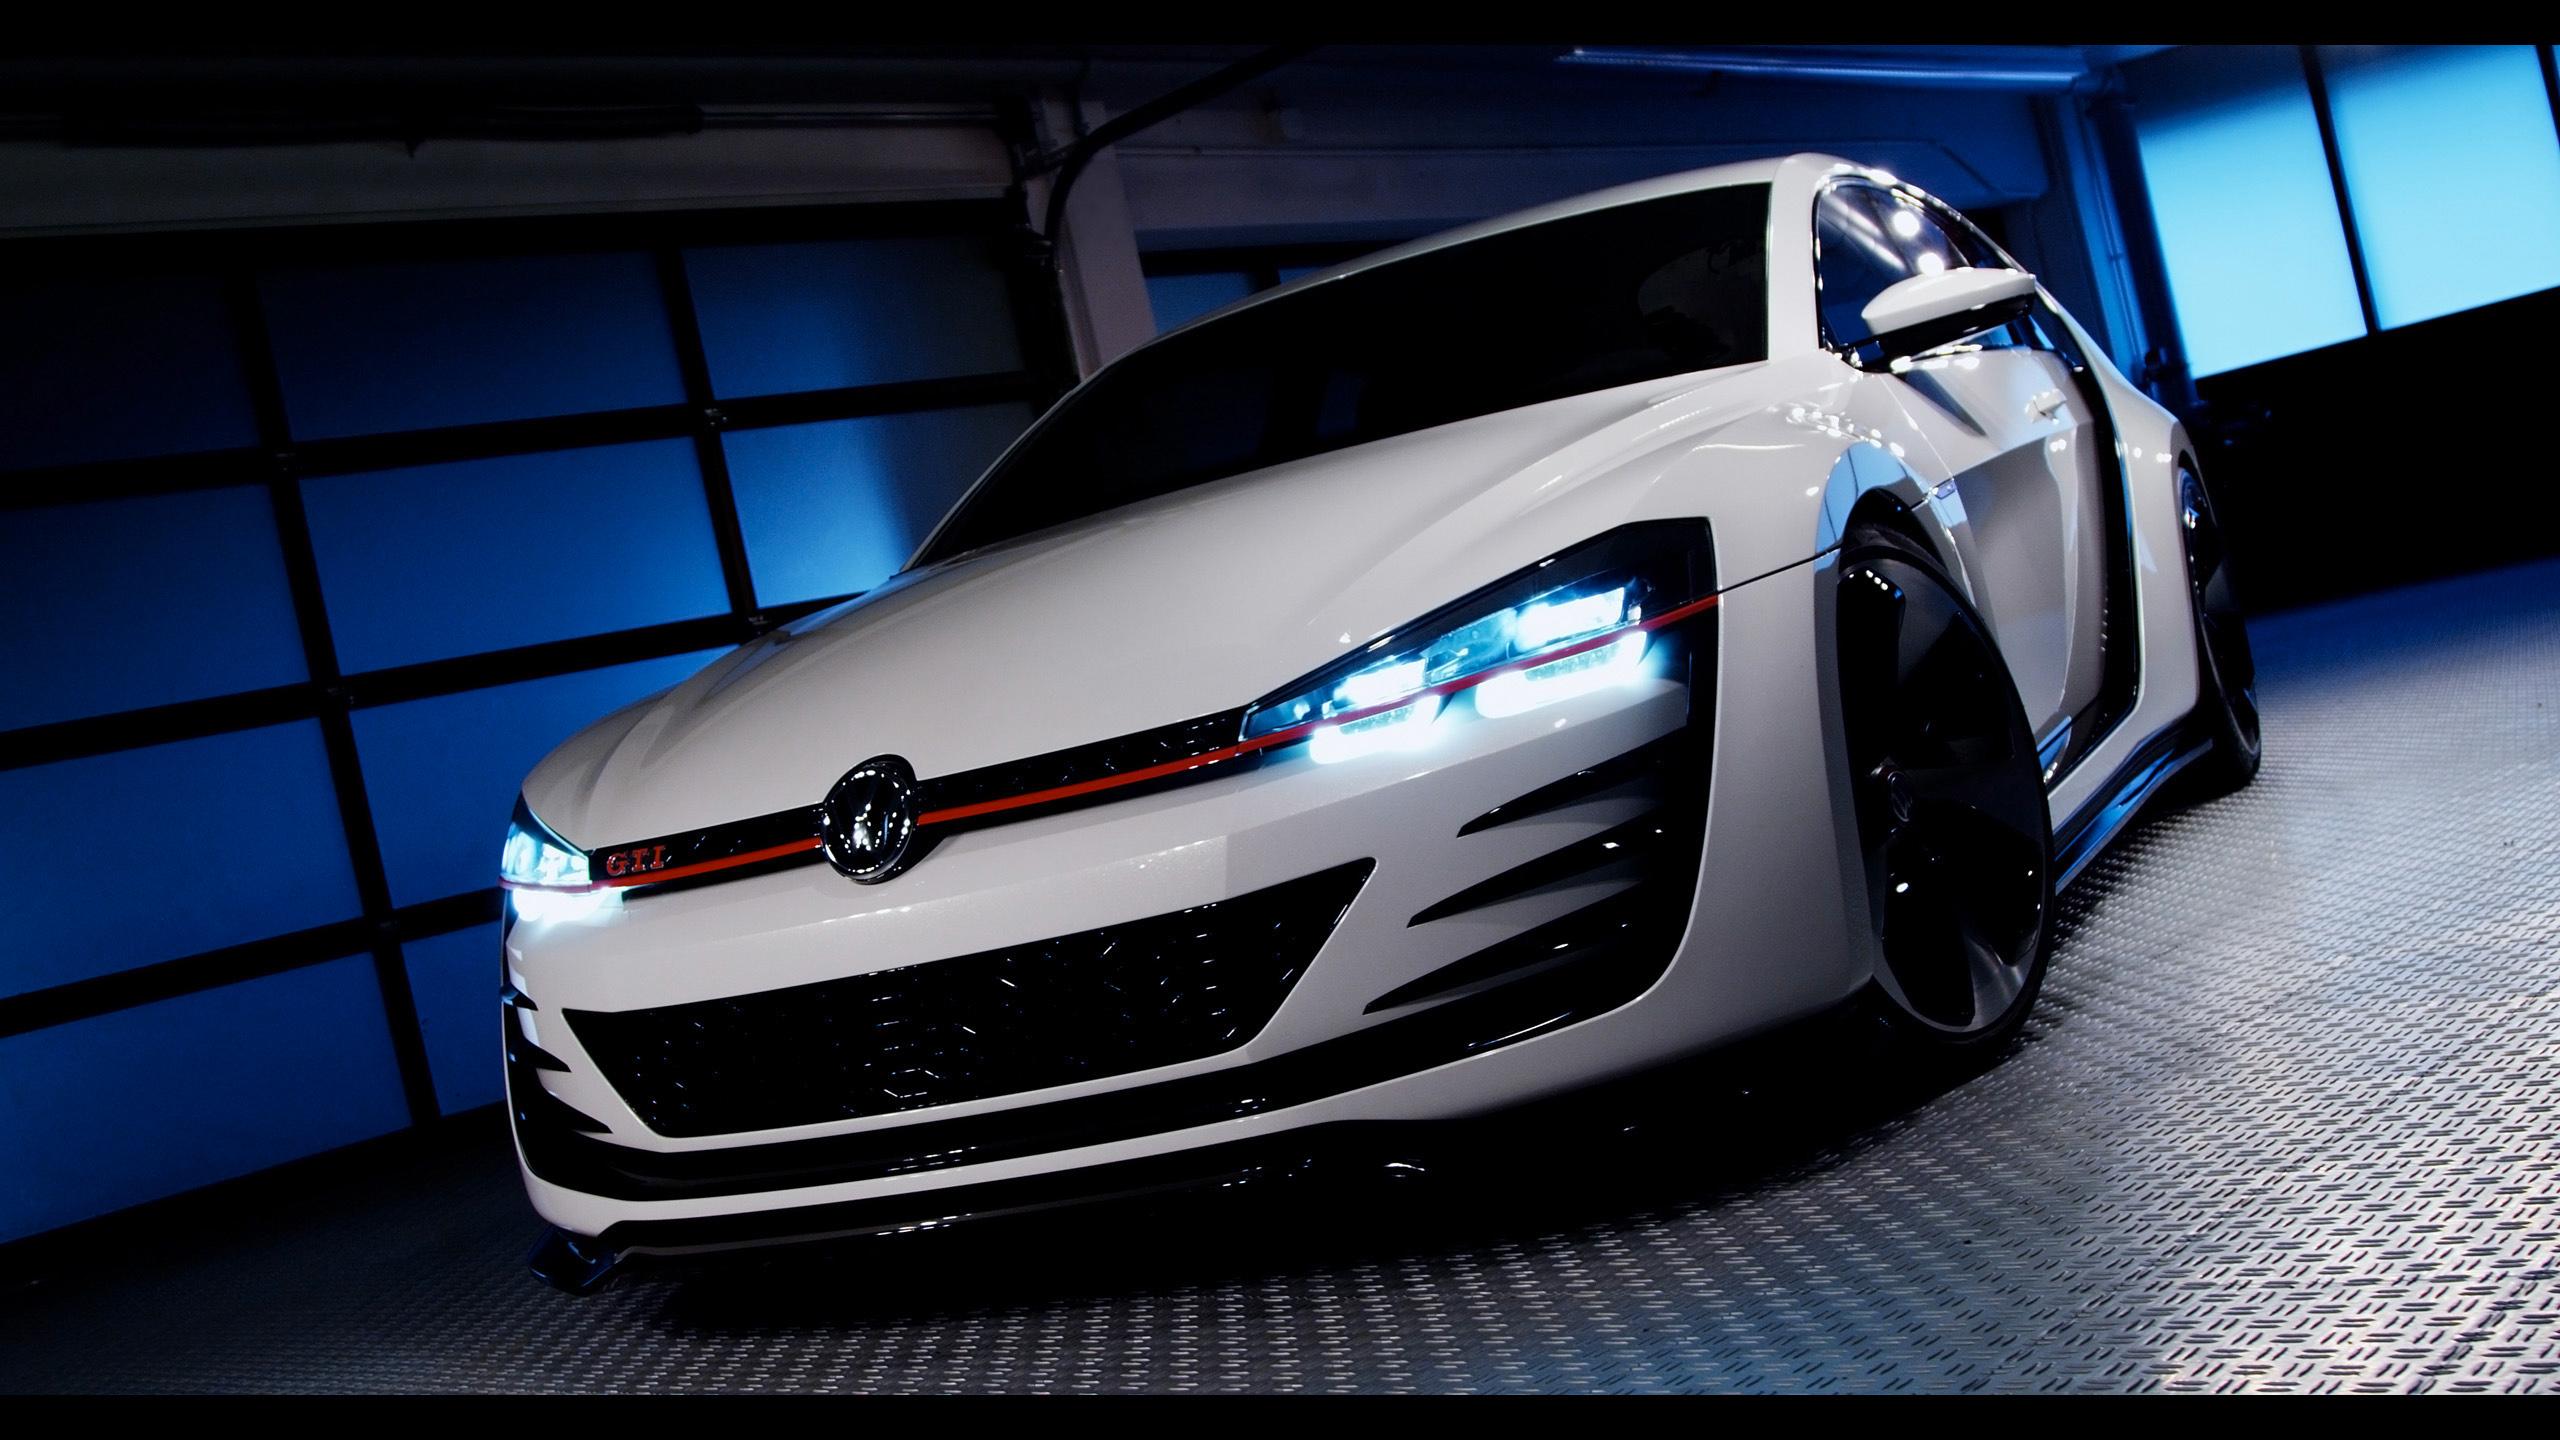 Vw Gti Wallpaper Iphone Volkswagen Design Vision Gti Wallpaper Hd Car Wallpapers